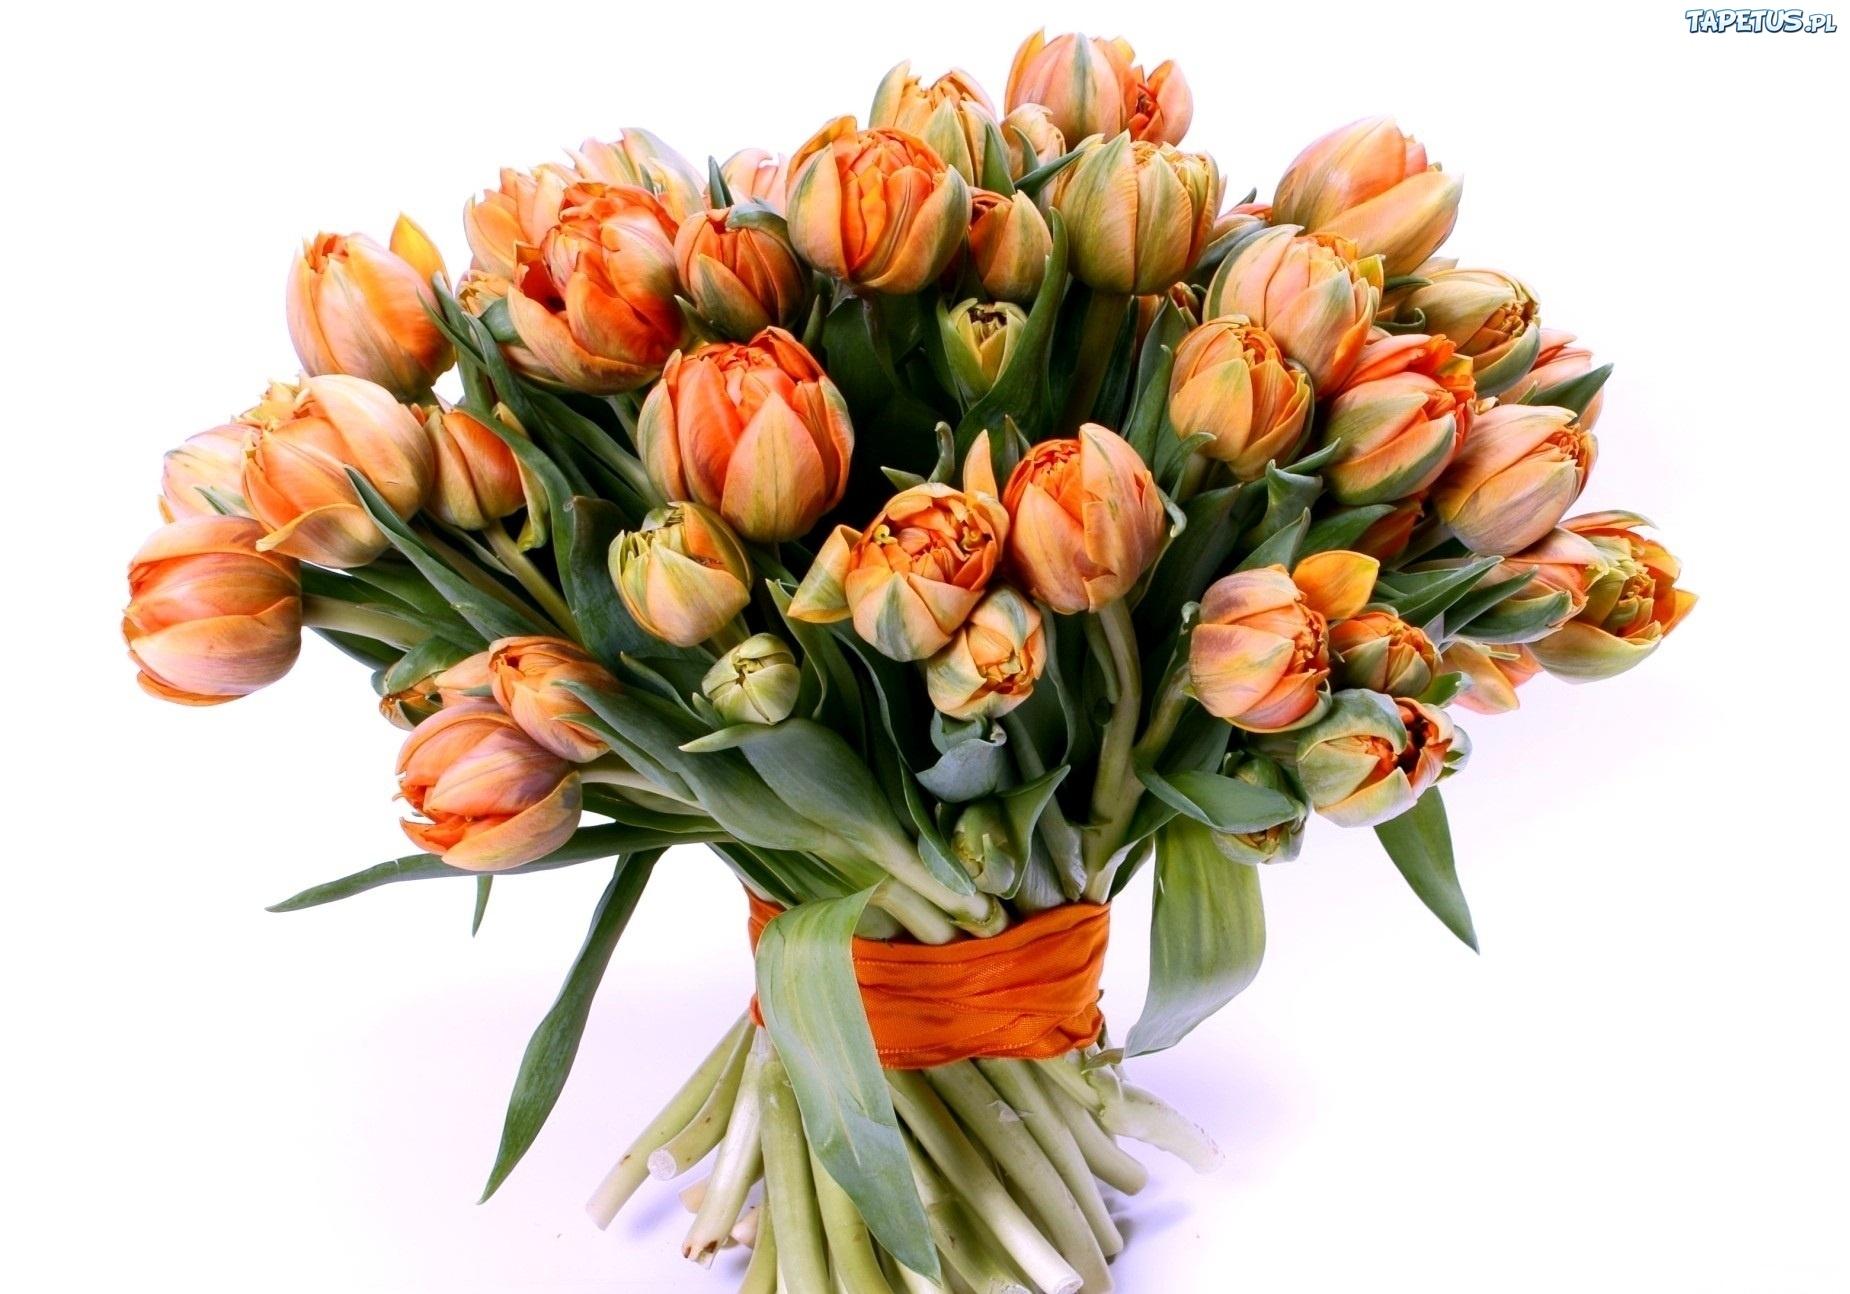 [Image: 146460_bukiet-tulipanow.jpg]